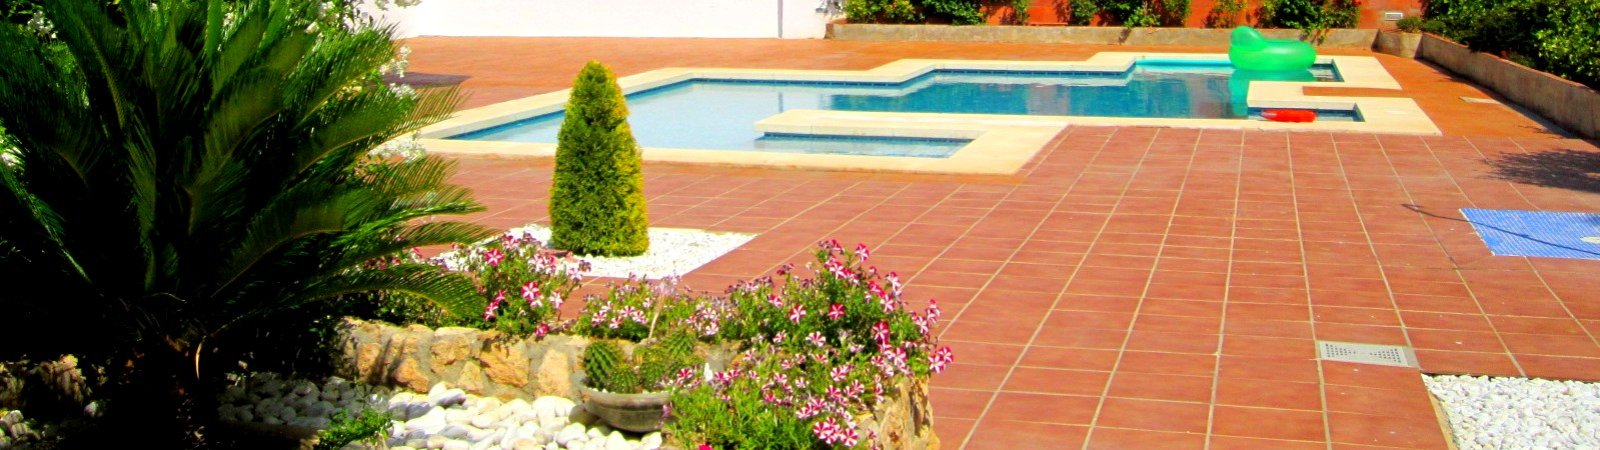 Construcción y mantenimiento de jardines en Vilamarxant,  jardines y piscinas en Vilamarxant